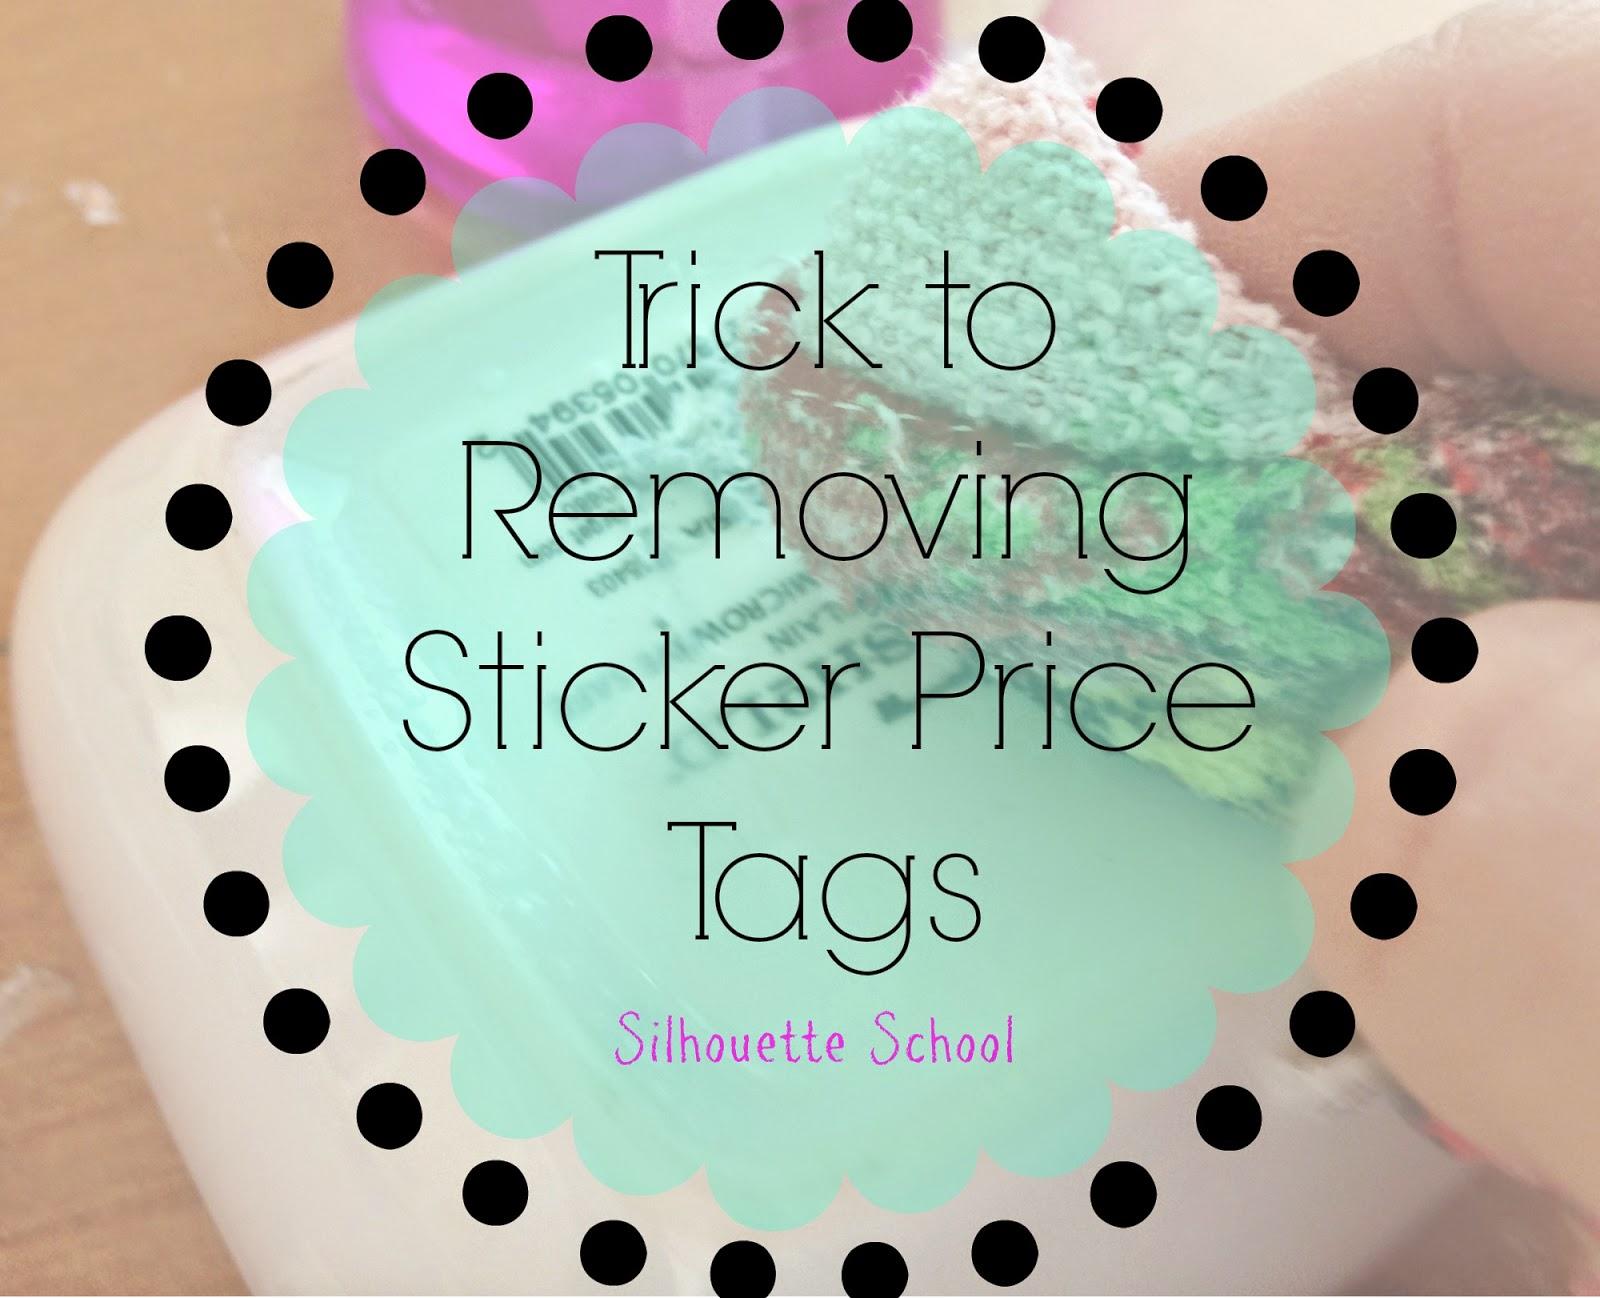 Sticker price tag, removing price tag